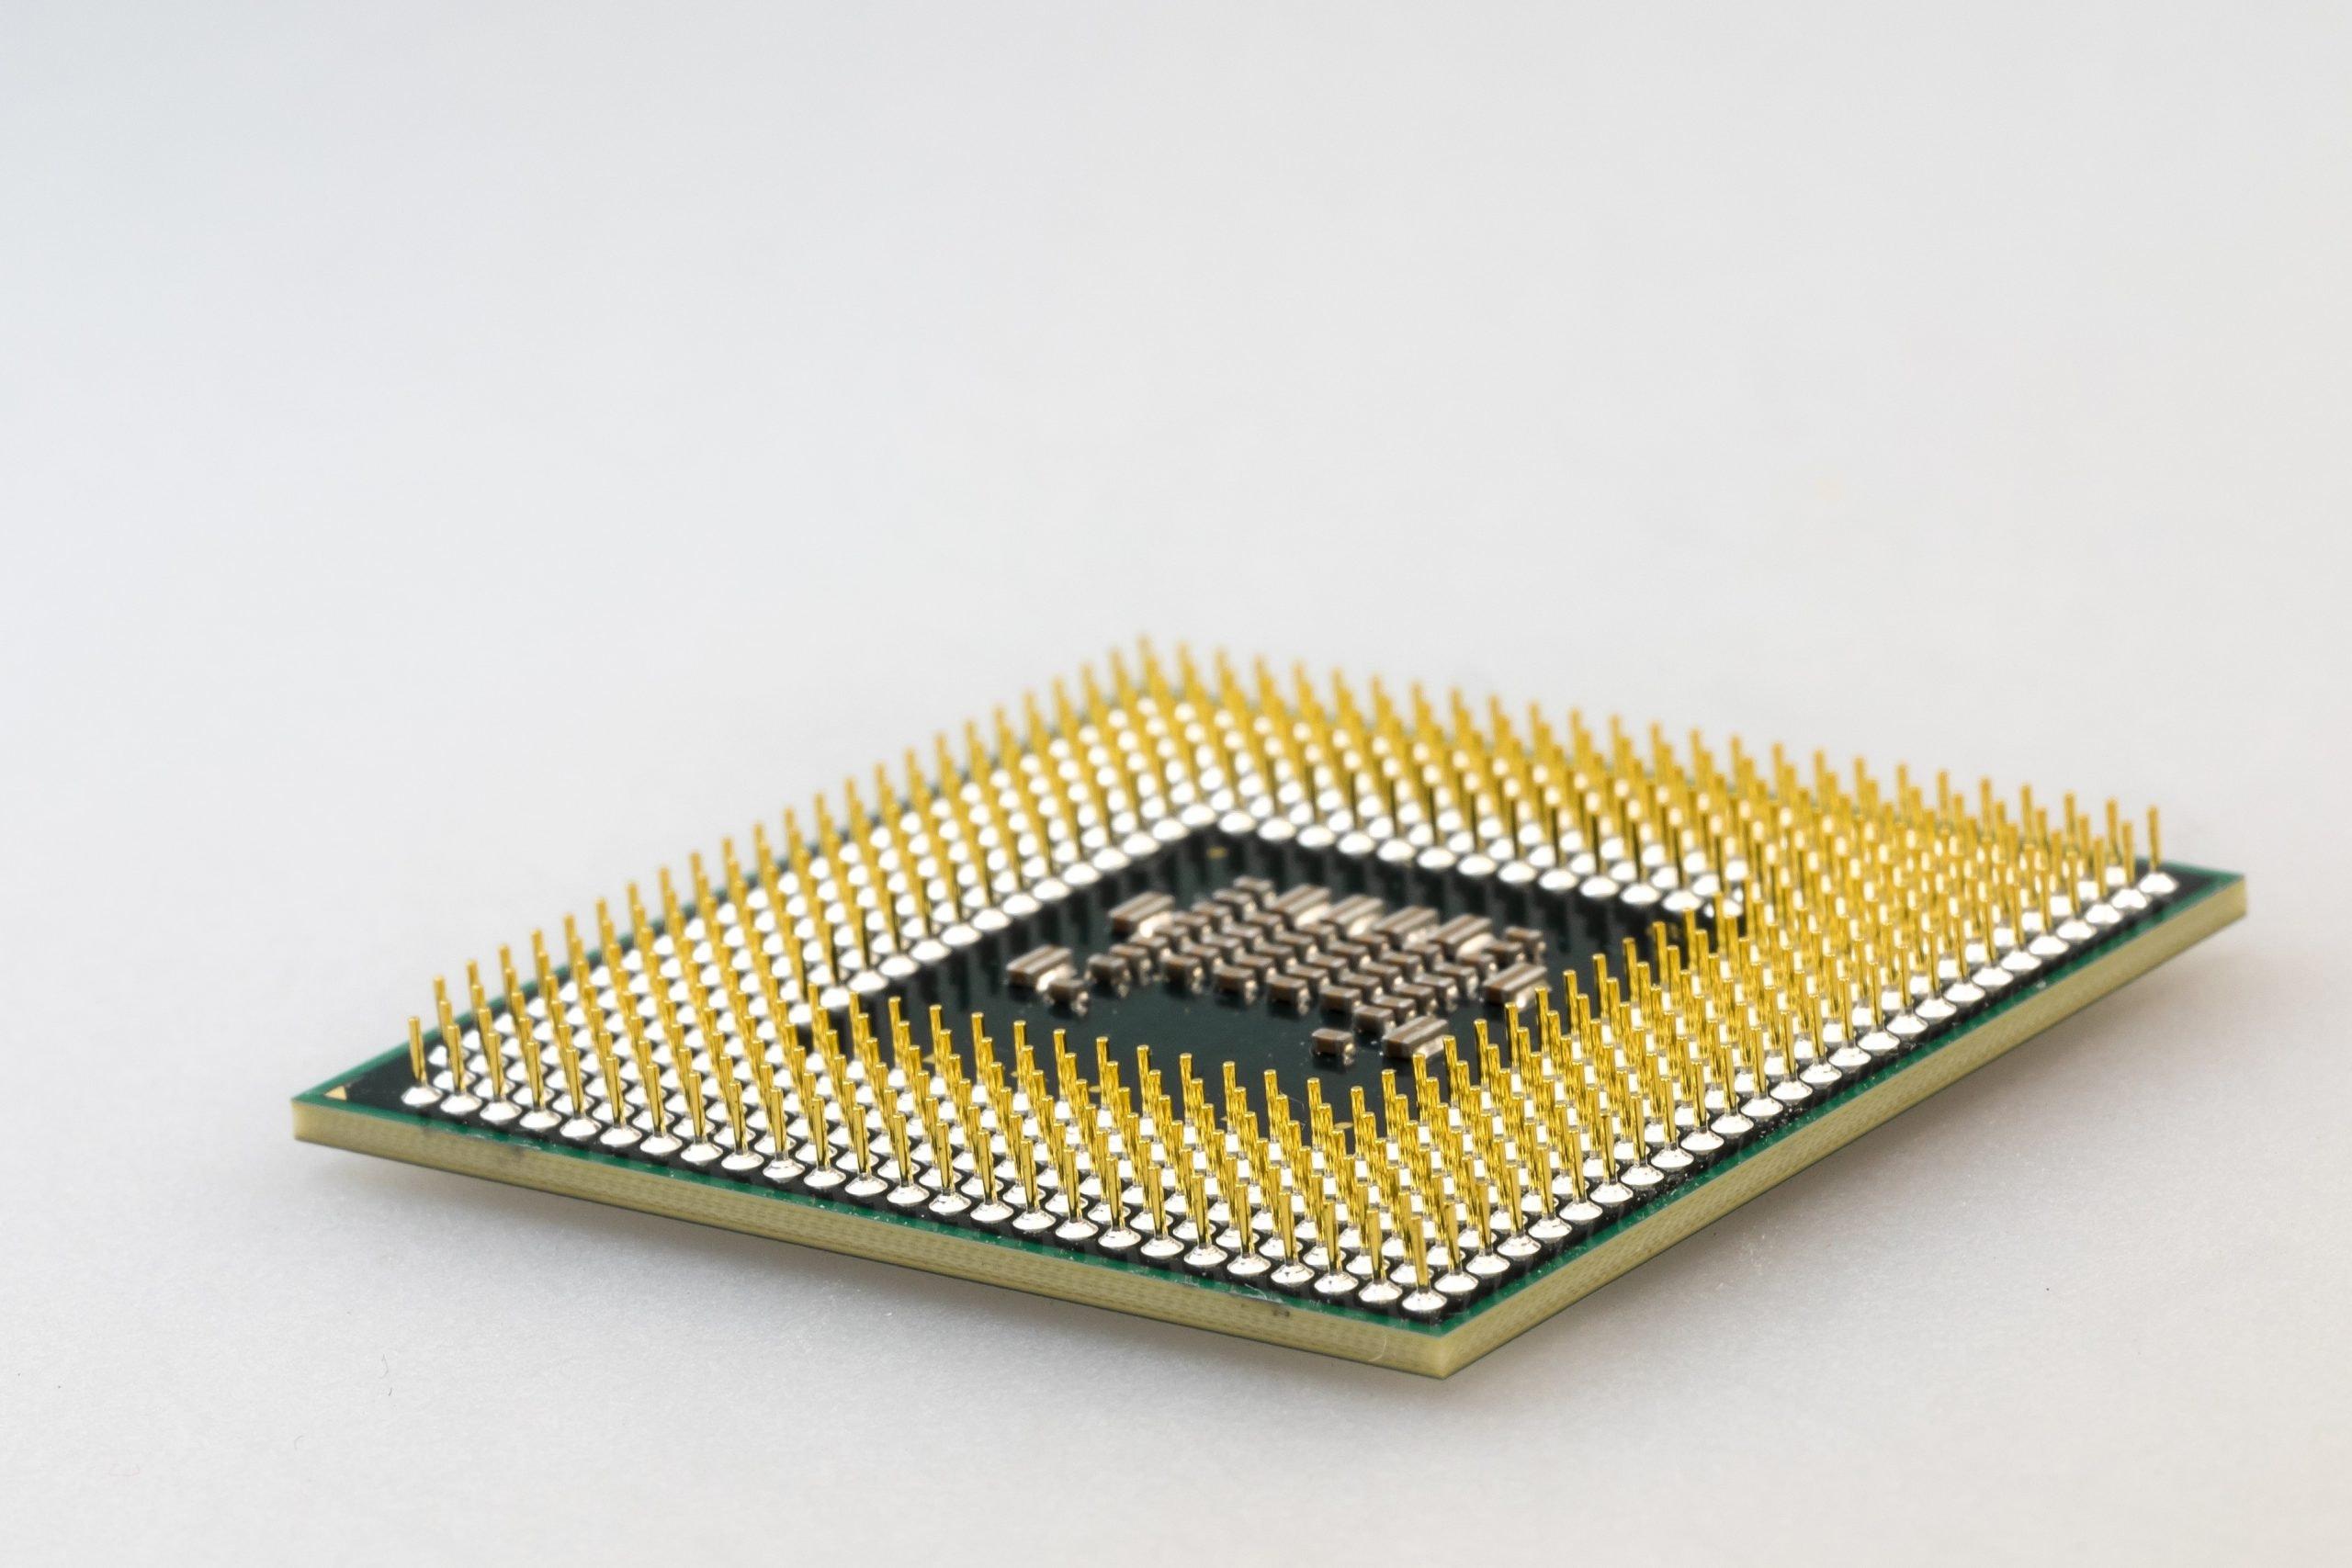 ペット産業のCSR事例、マイクロチップ無償装着活動